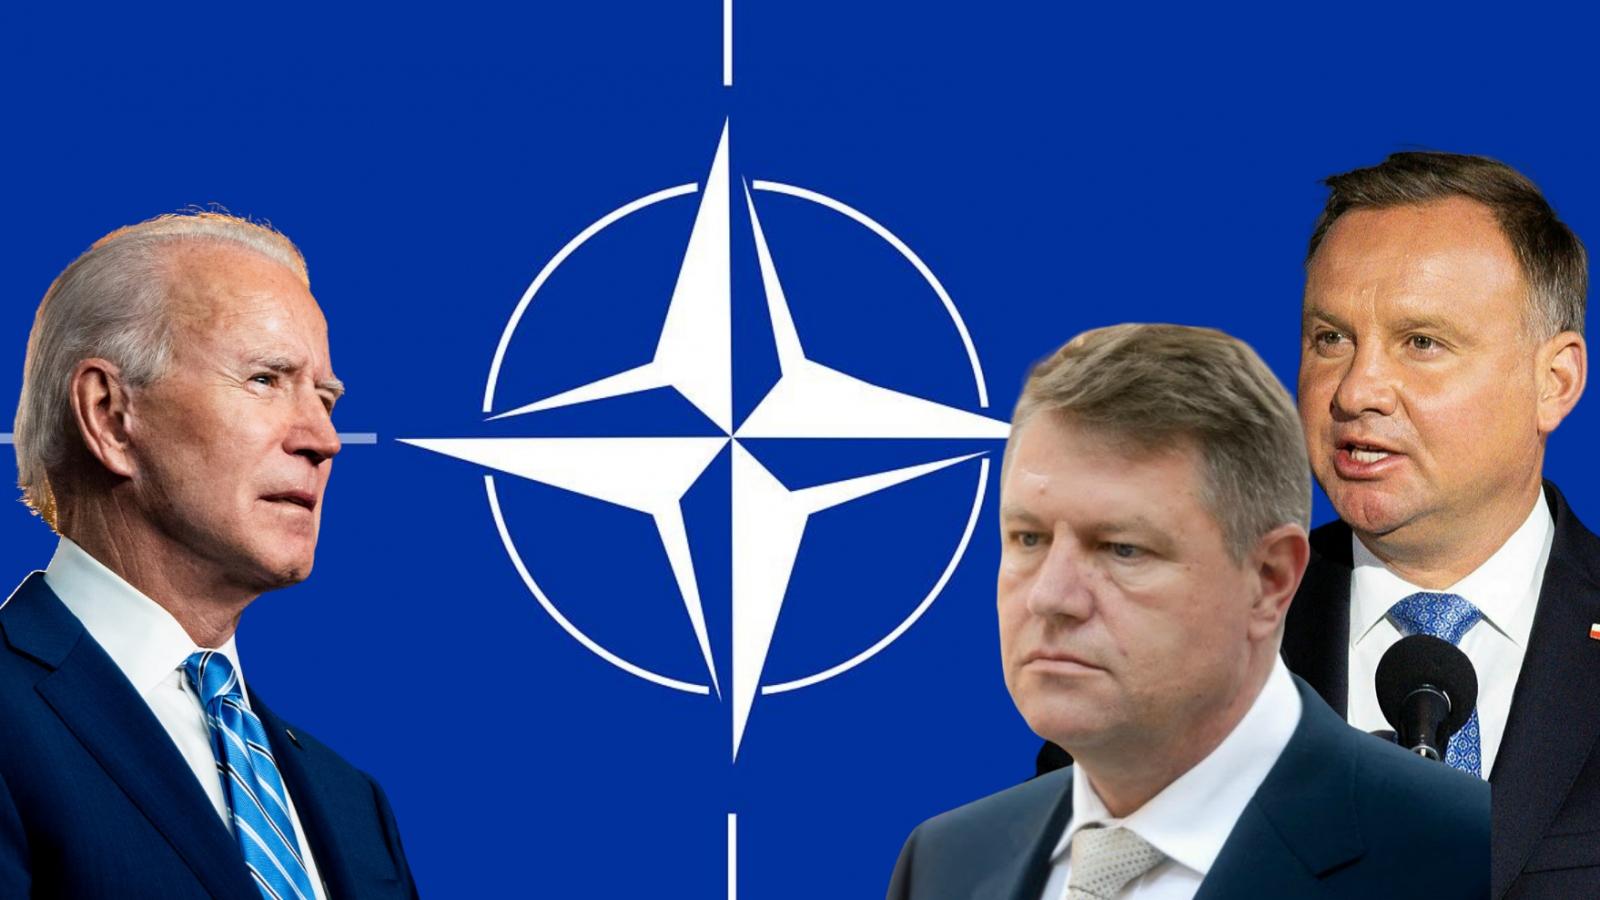 Mỹ tìm cách lôi kéo đồng minh Đông Âu, thông điệp gửi tới Nga